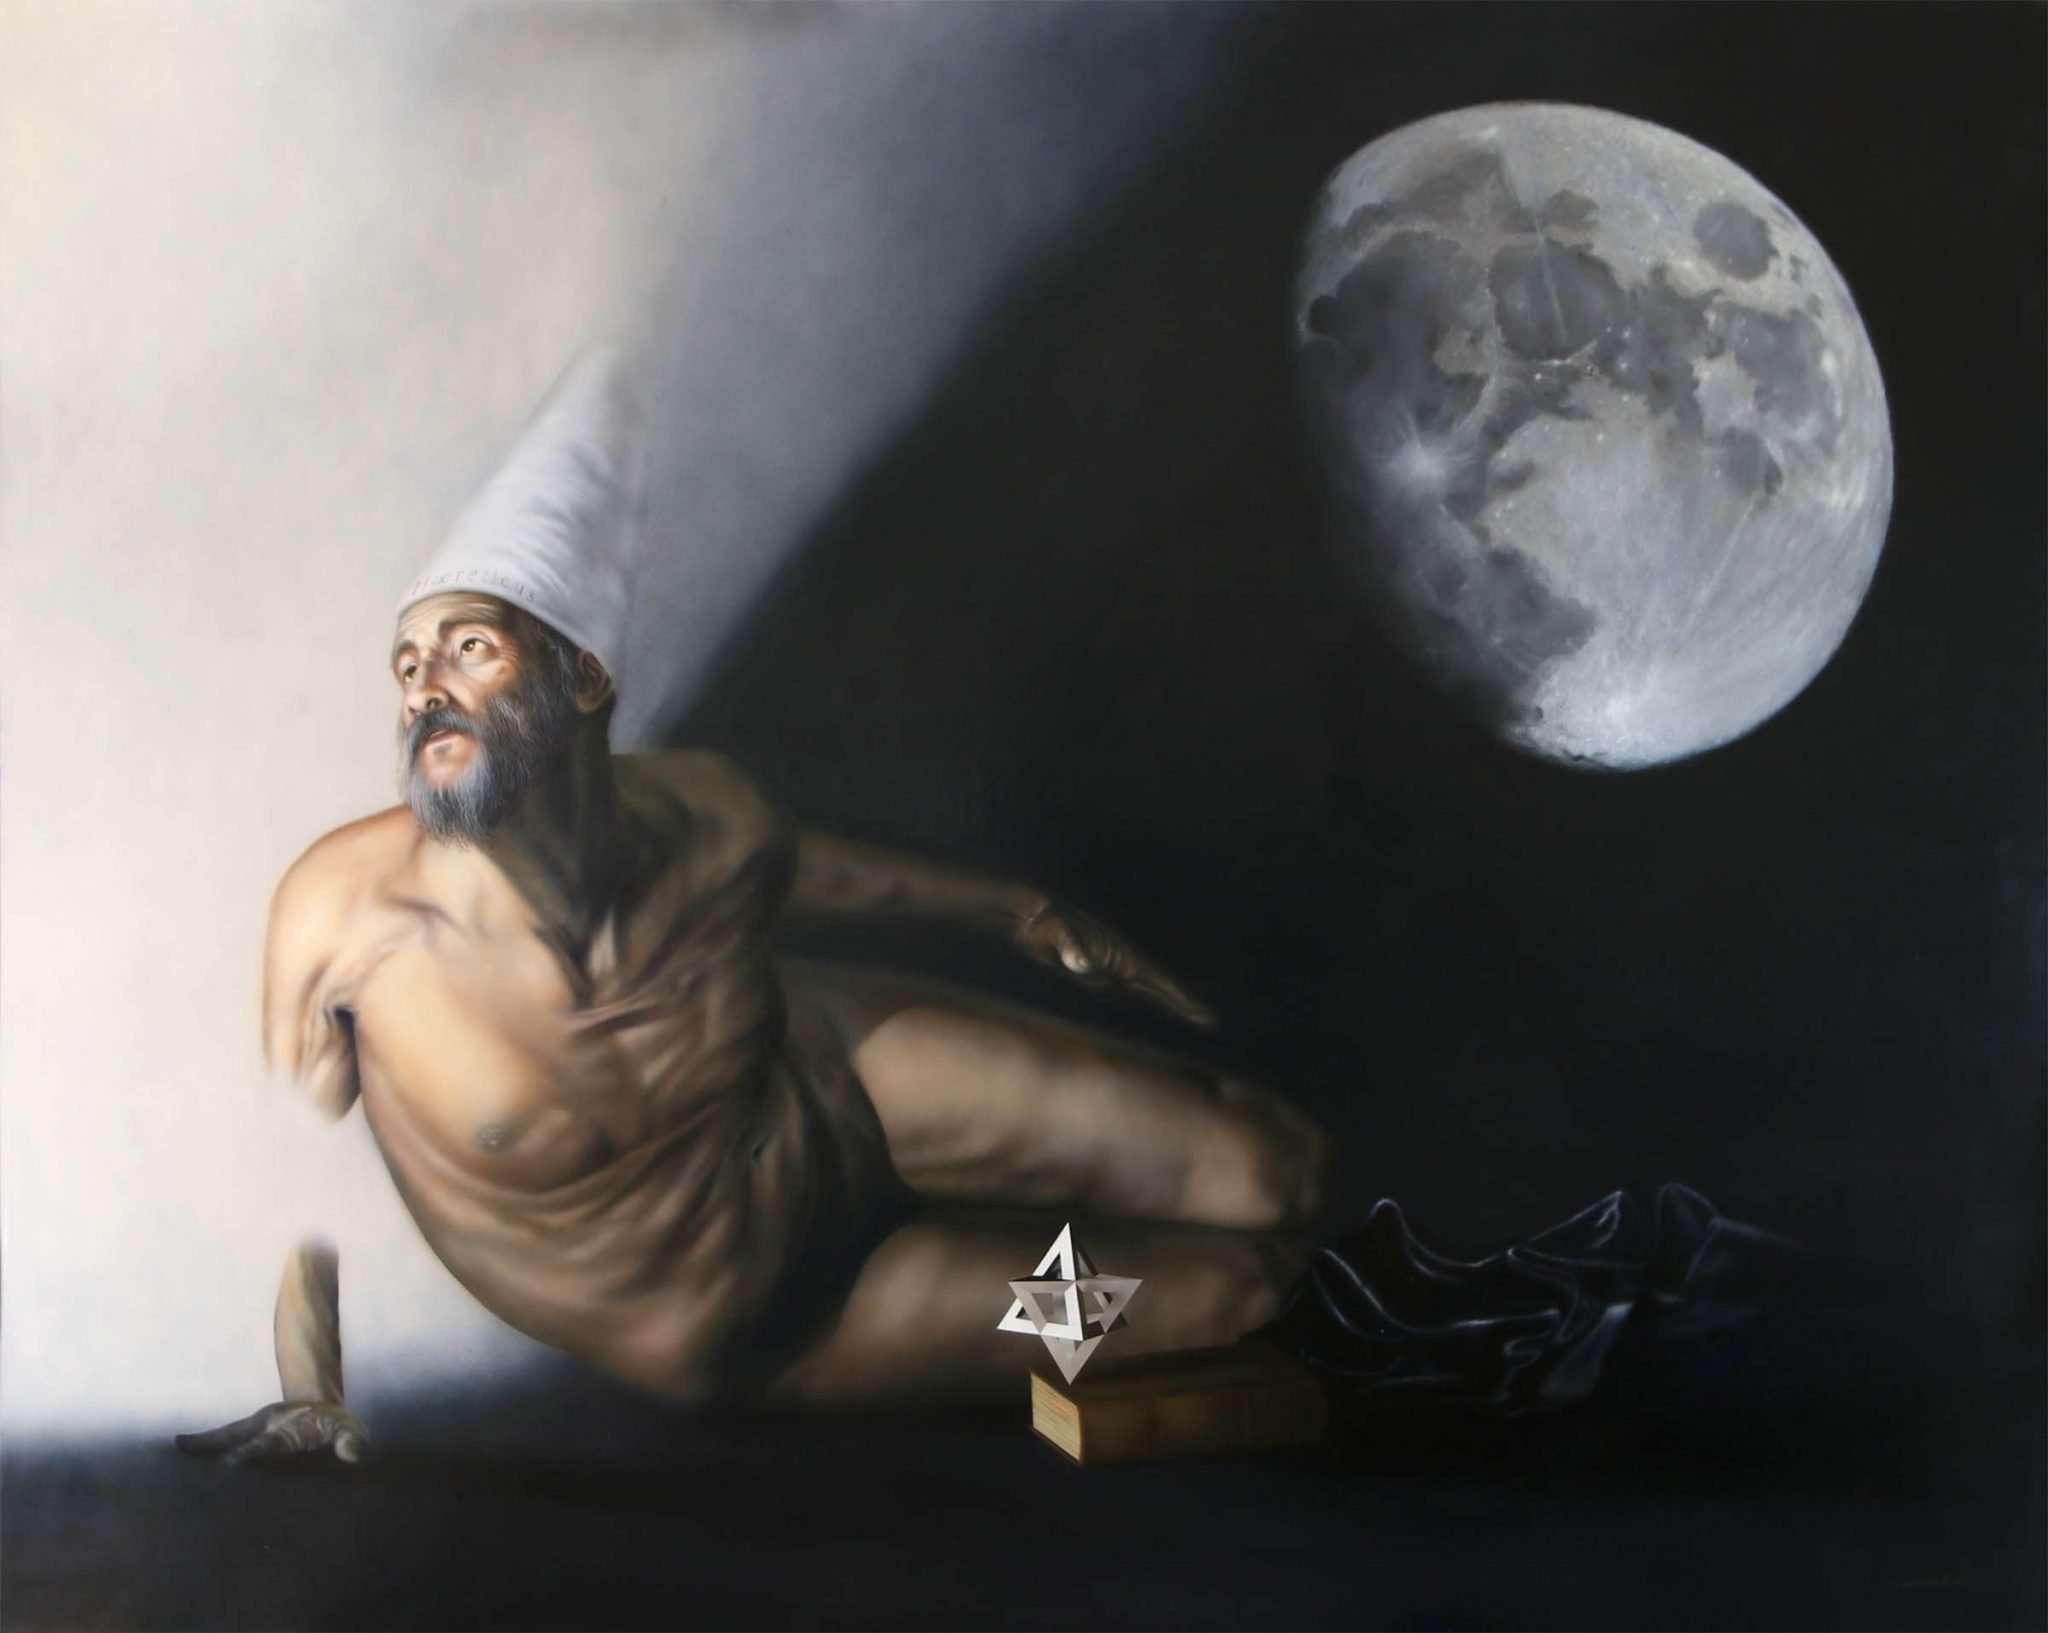 E Pur Si Muove - Acrilico su tela - 150x120 cm - 2020 - Giampiero Abate